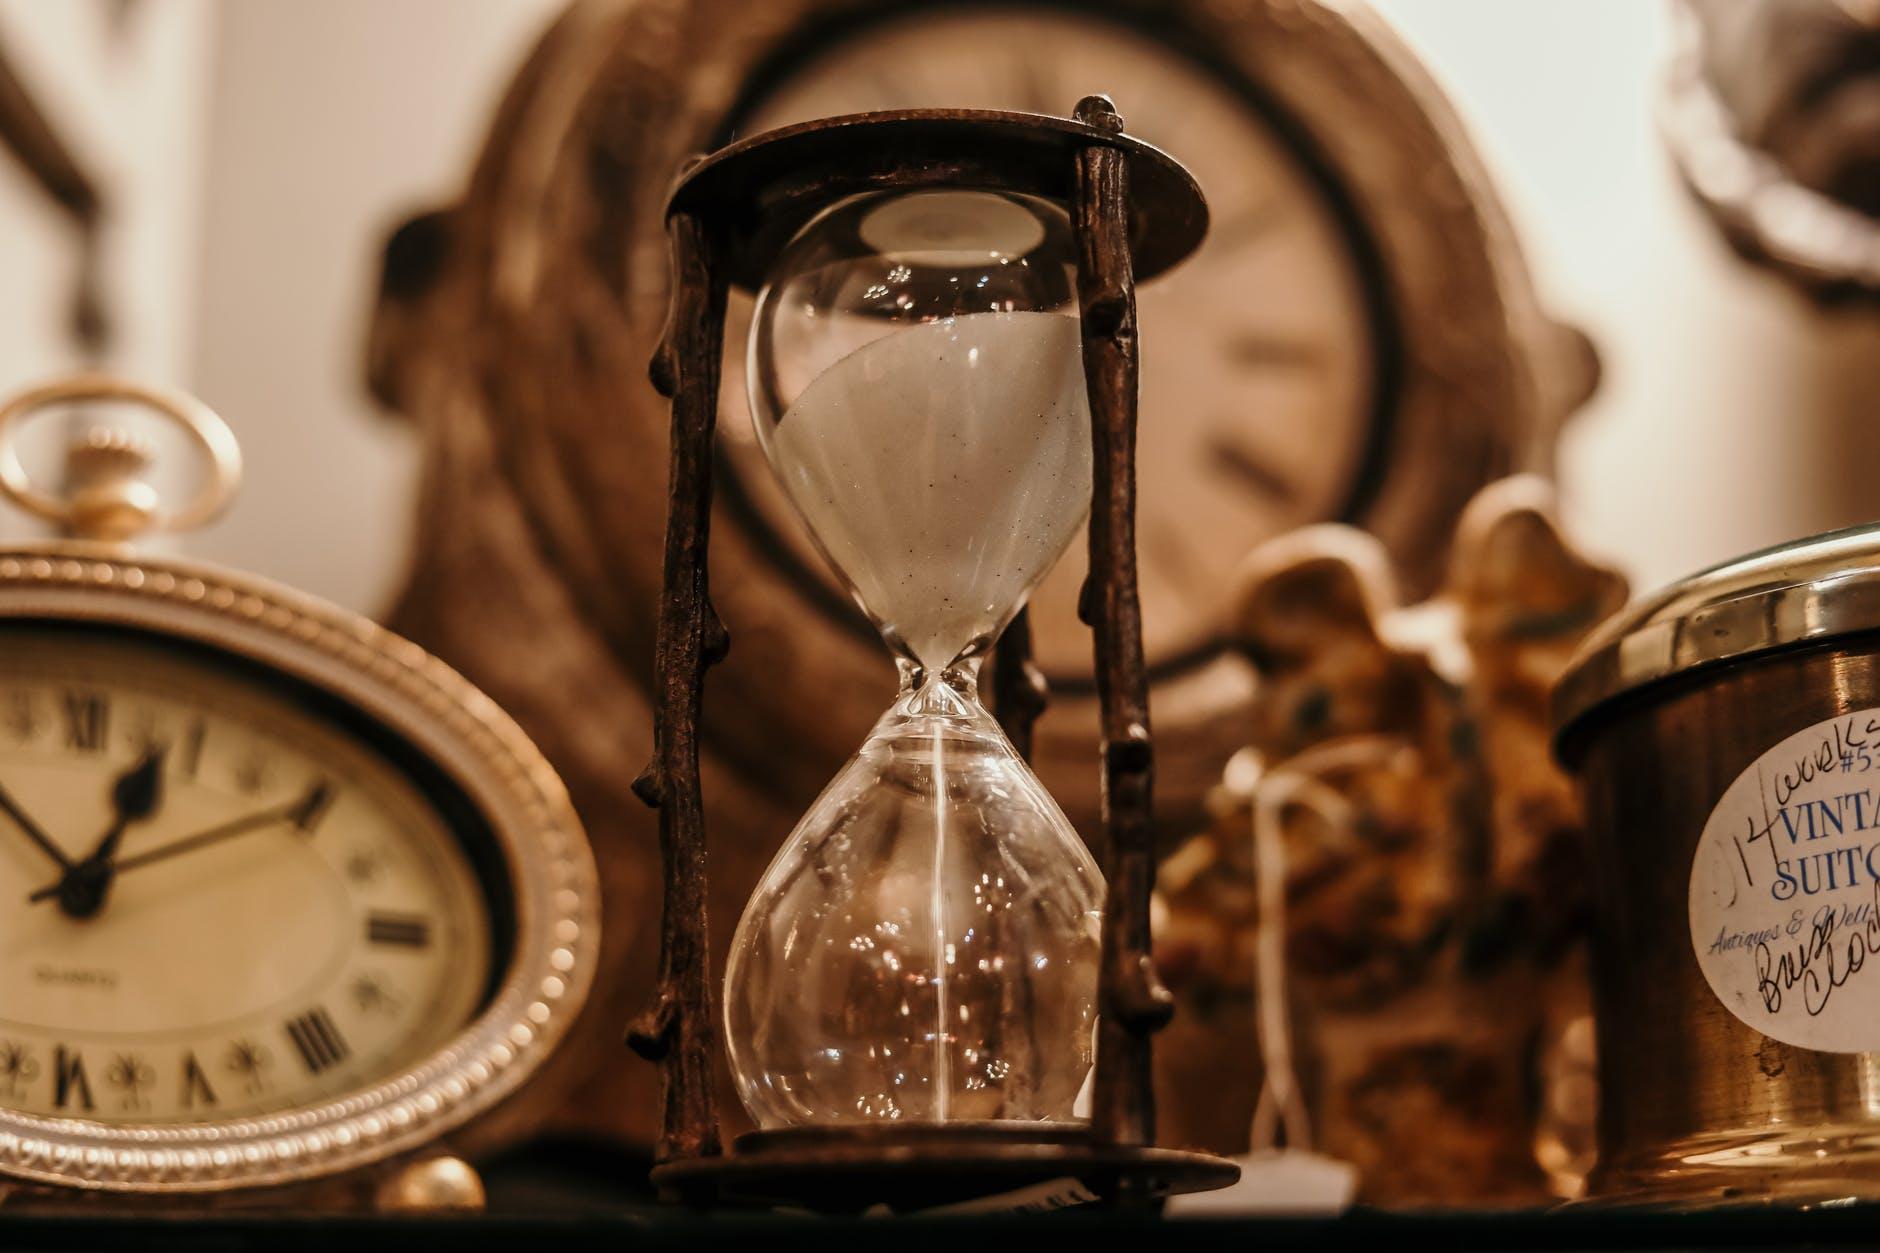 Immagine La percezione del trascorrere del tempo: come cambia, come influenza la nostra vita